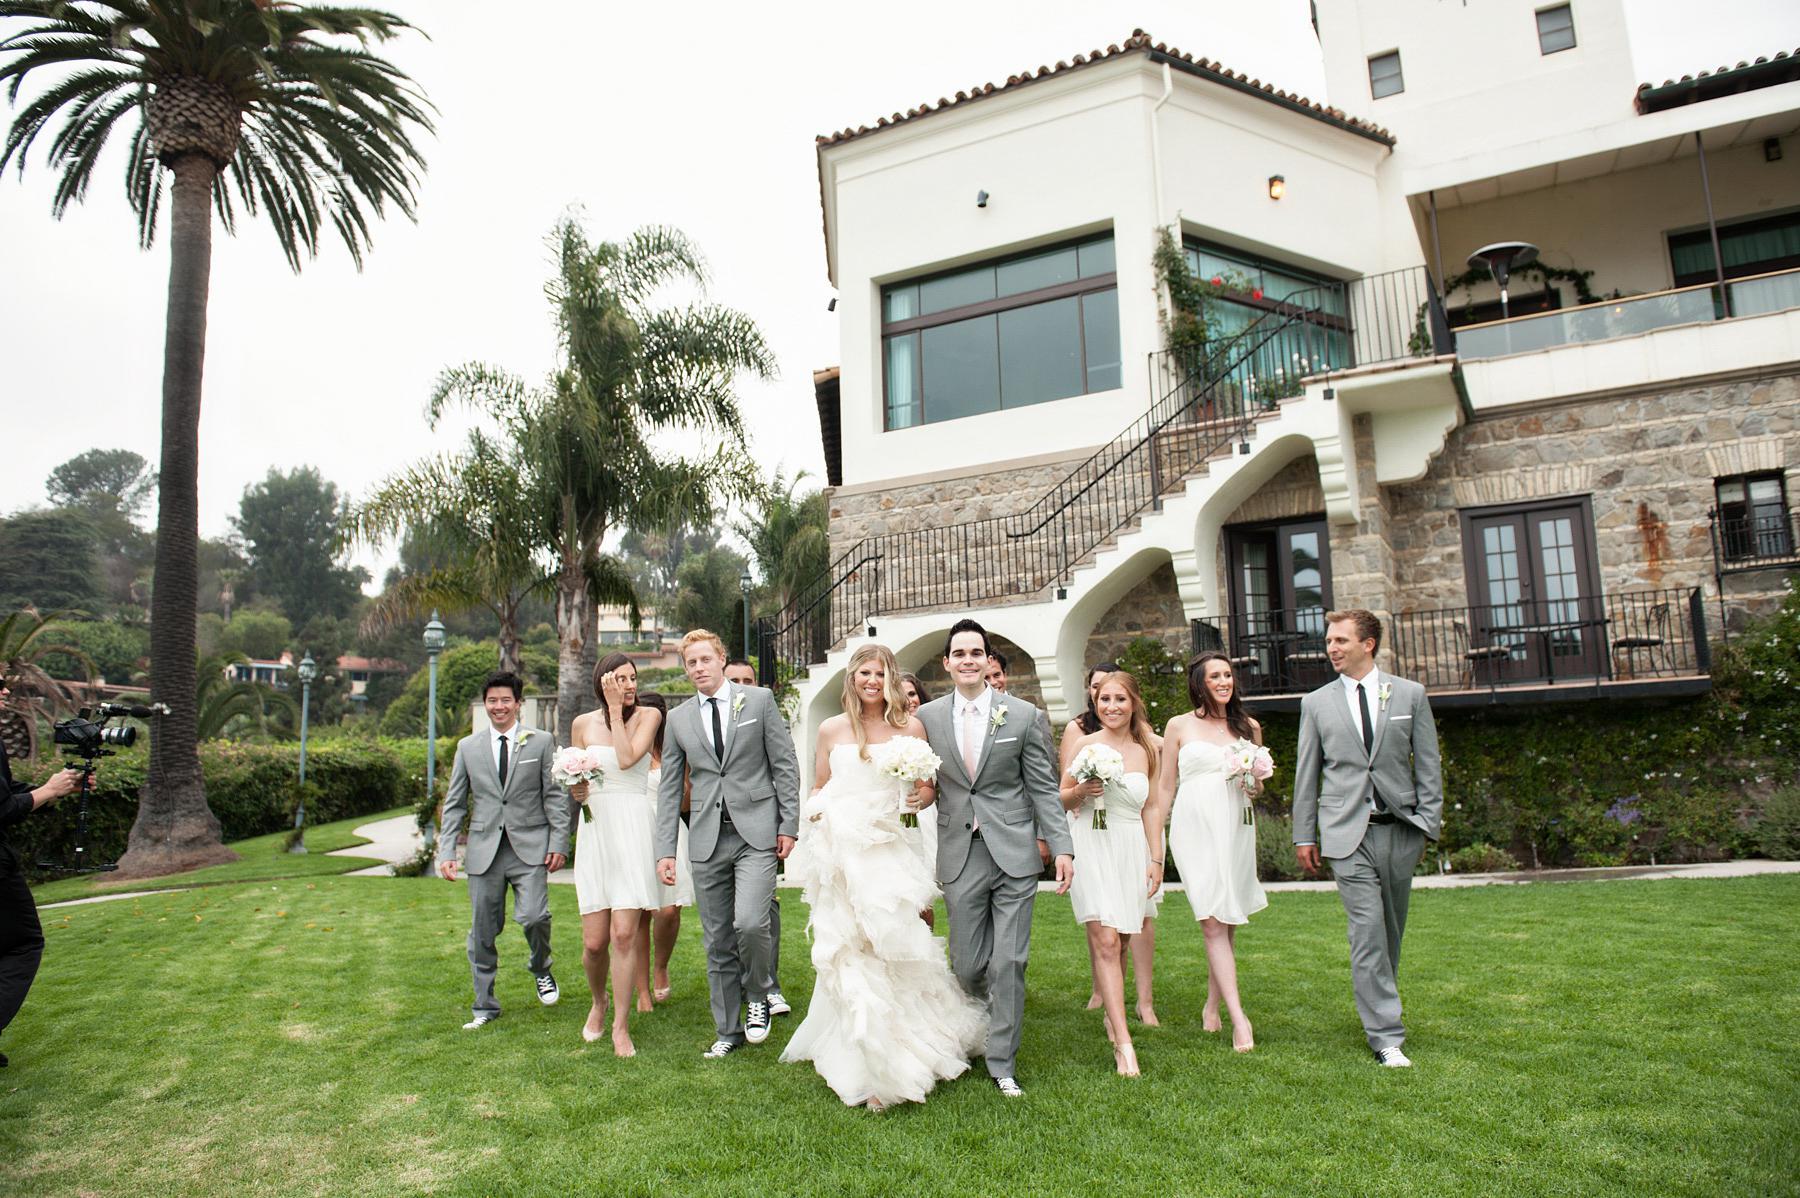 bel-air-bay-club-wedding-DG-07.jpg